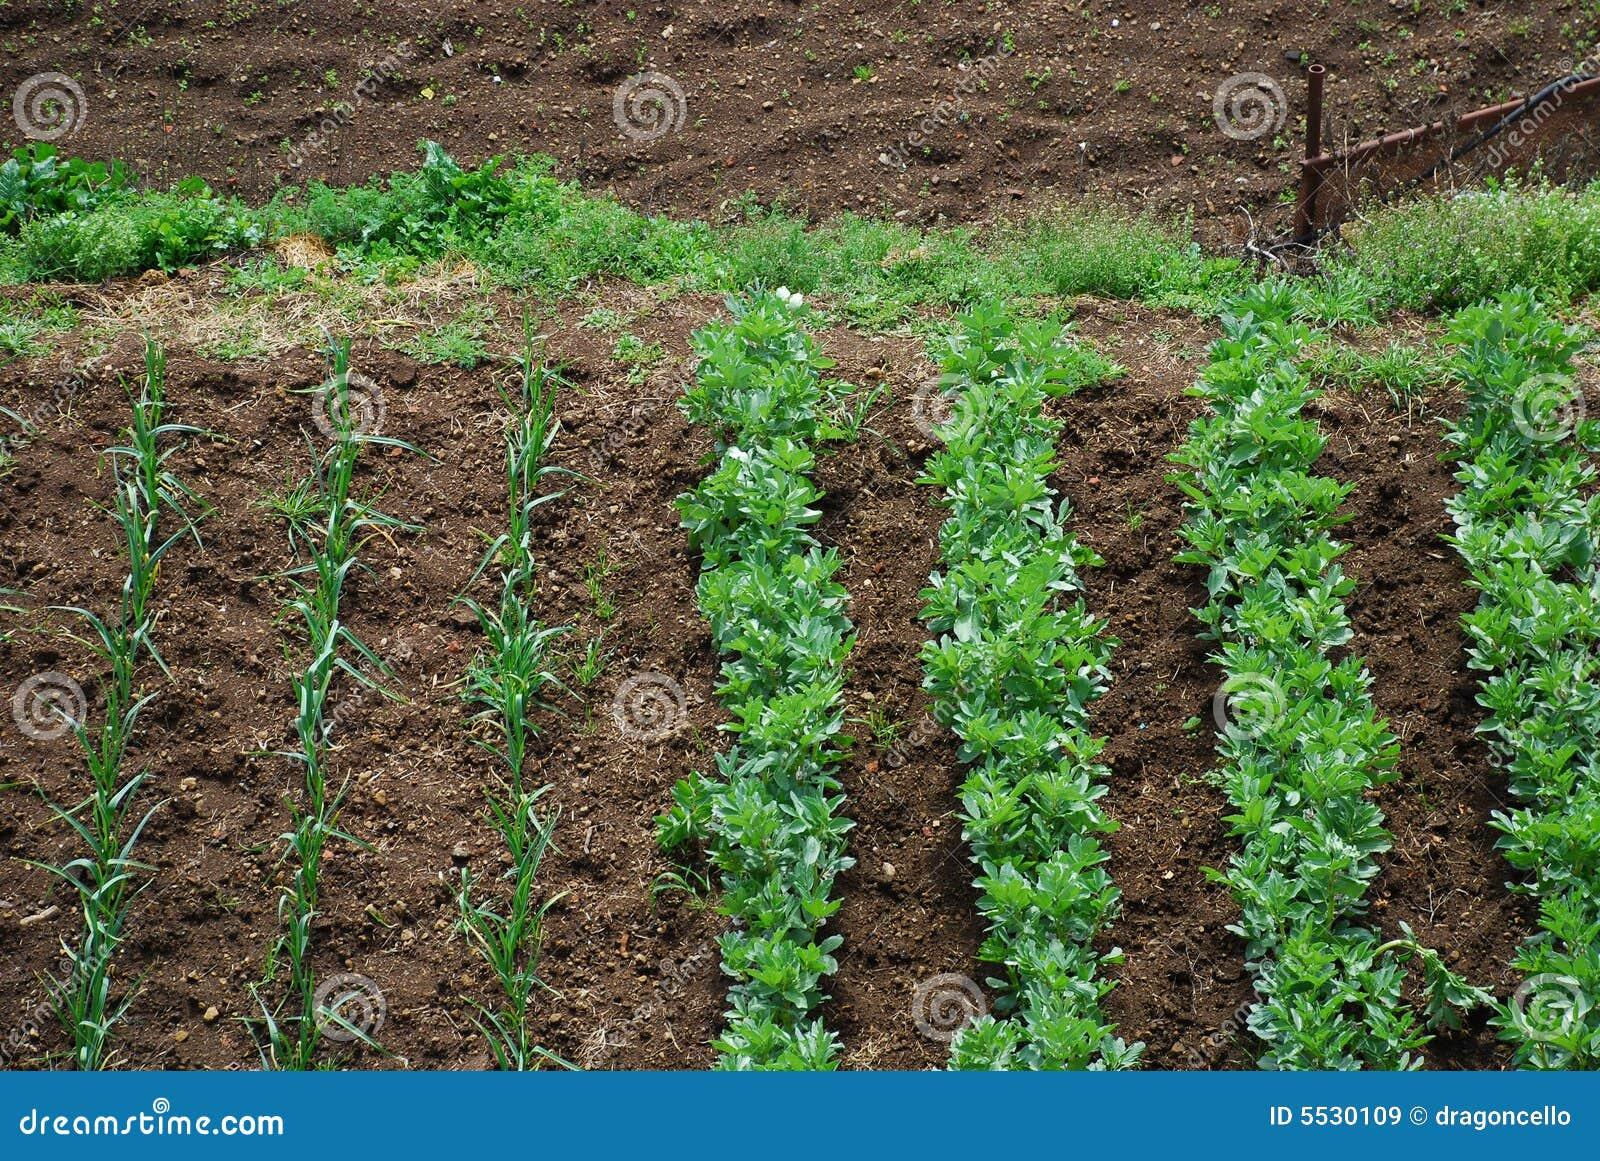 Garden vegetable plot 2 royalty free stock images image for Vegetable garden plots design